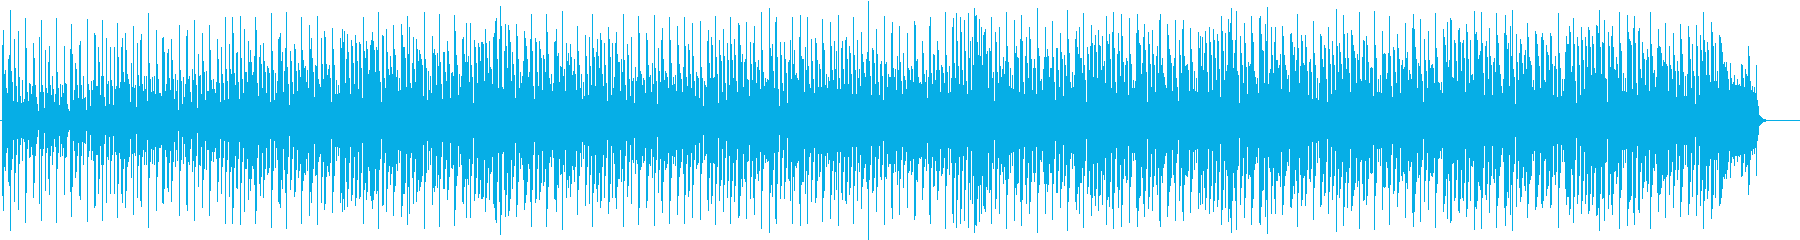 チャレンジ系投稿動画のBGMの再生済みの波形